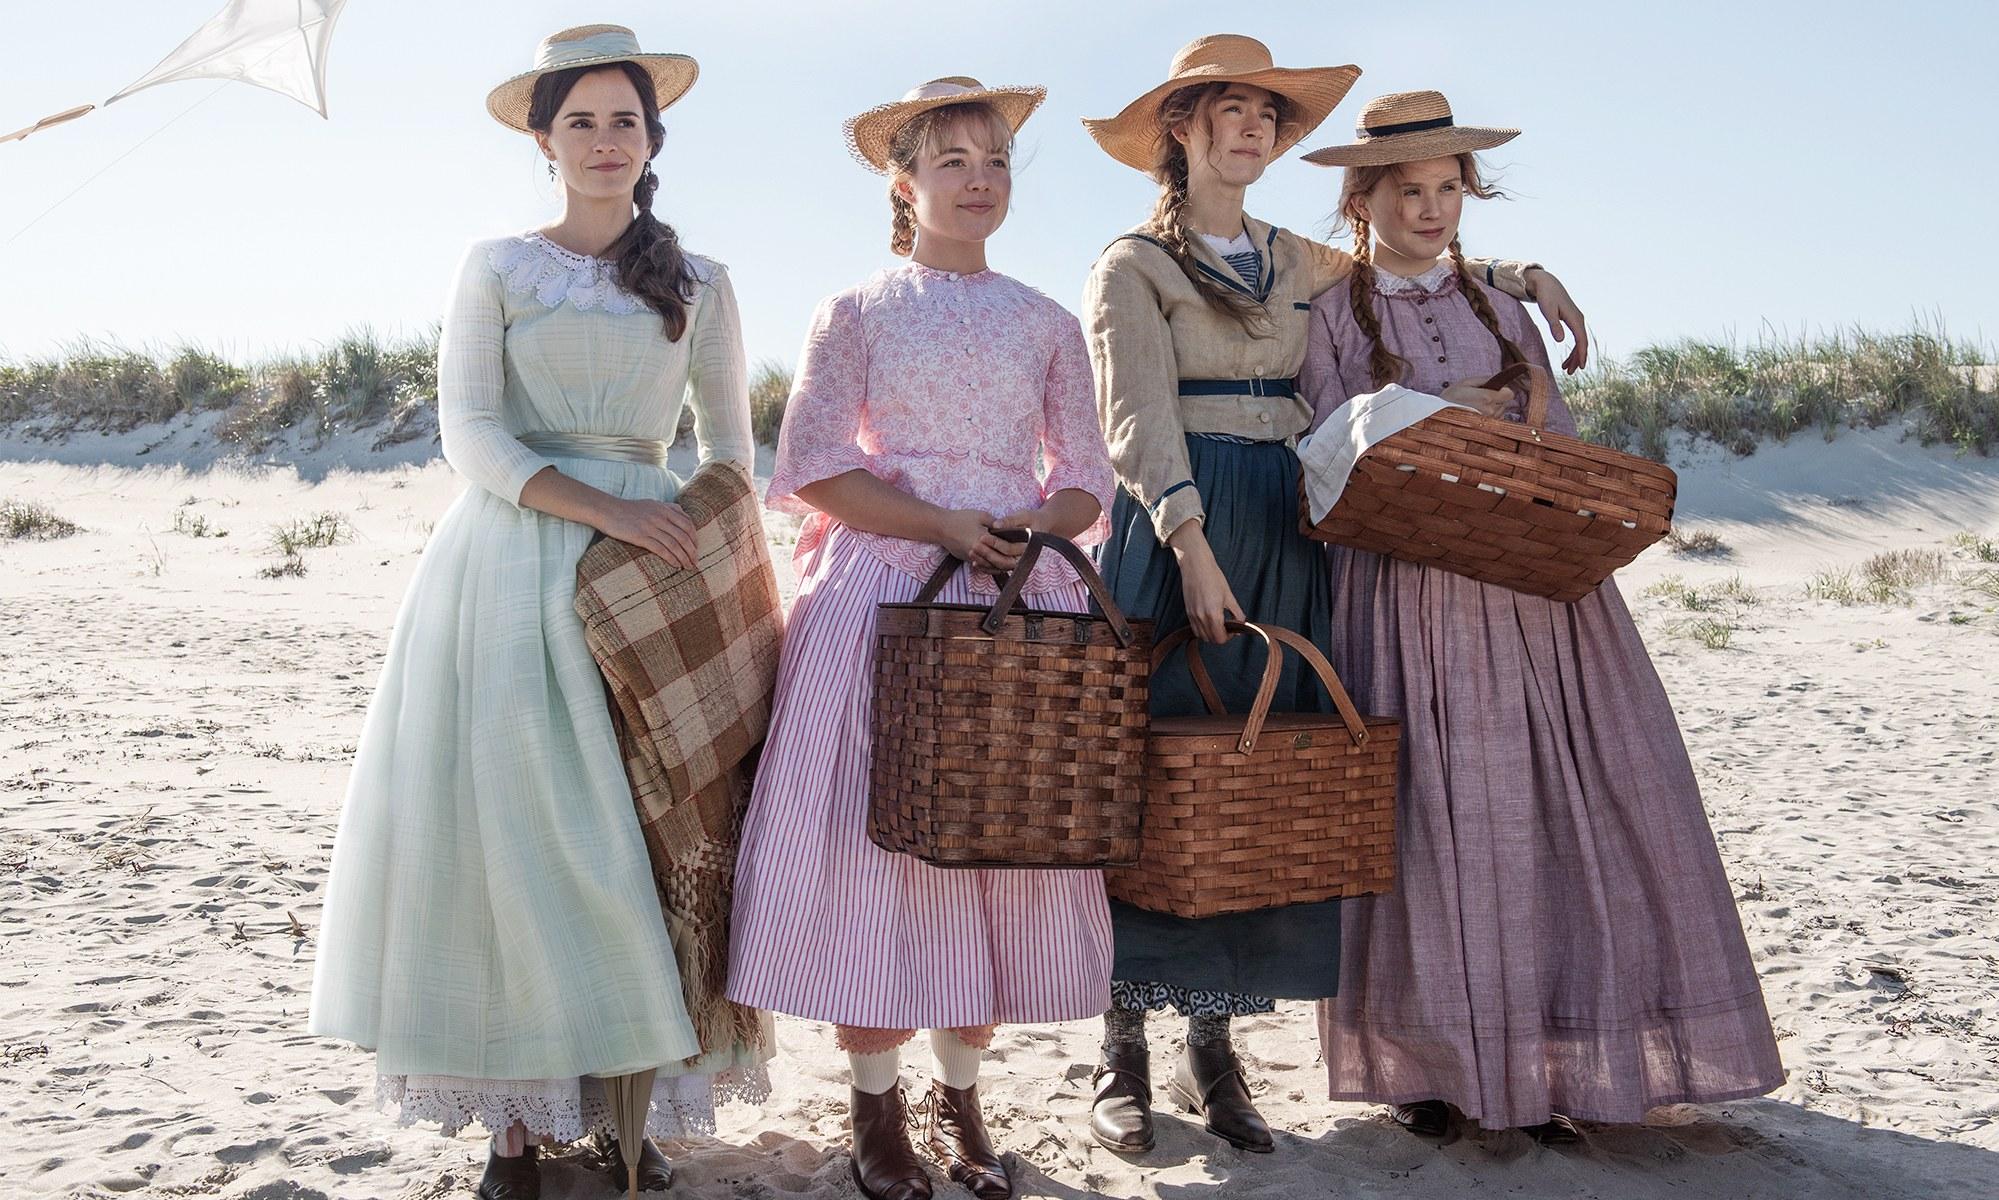 اولین تریلر جدیدترین فیلم گرتا گرویگ یعنی زنان کوچک منتشر شد